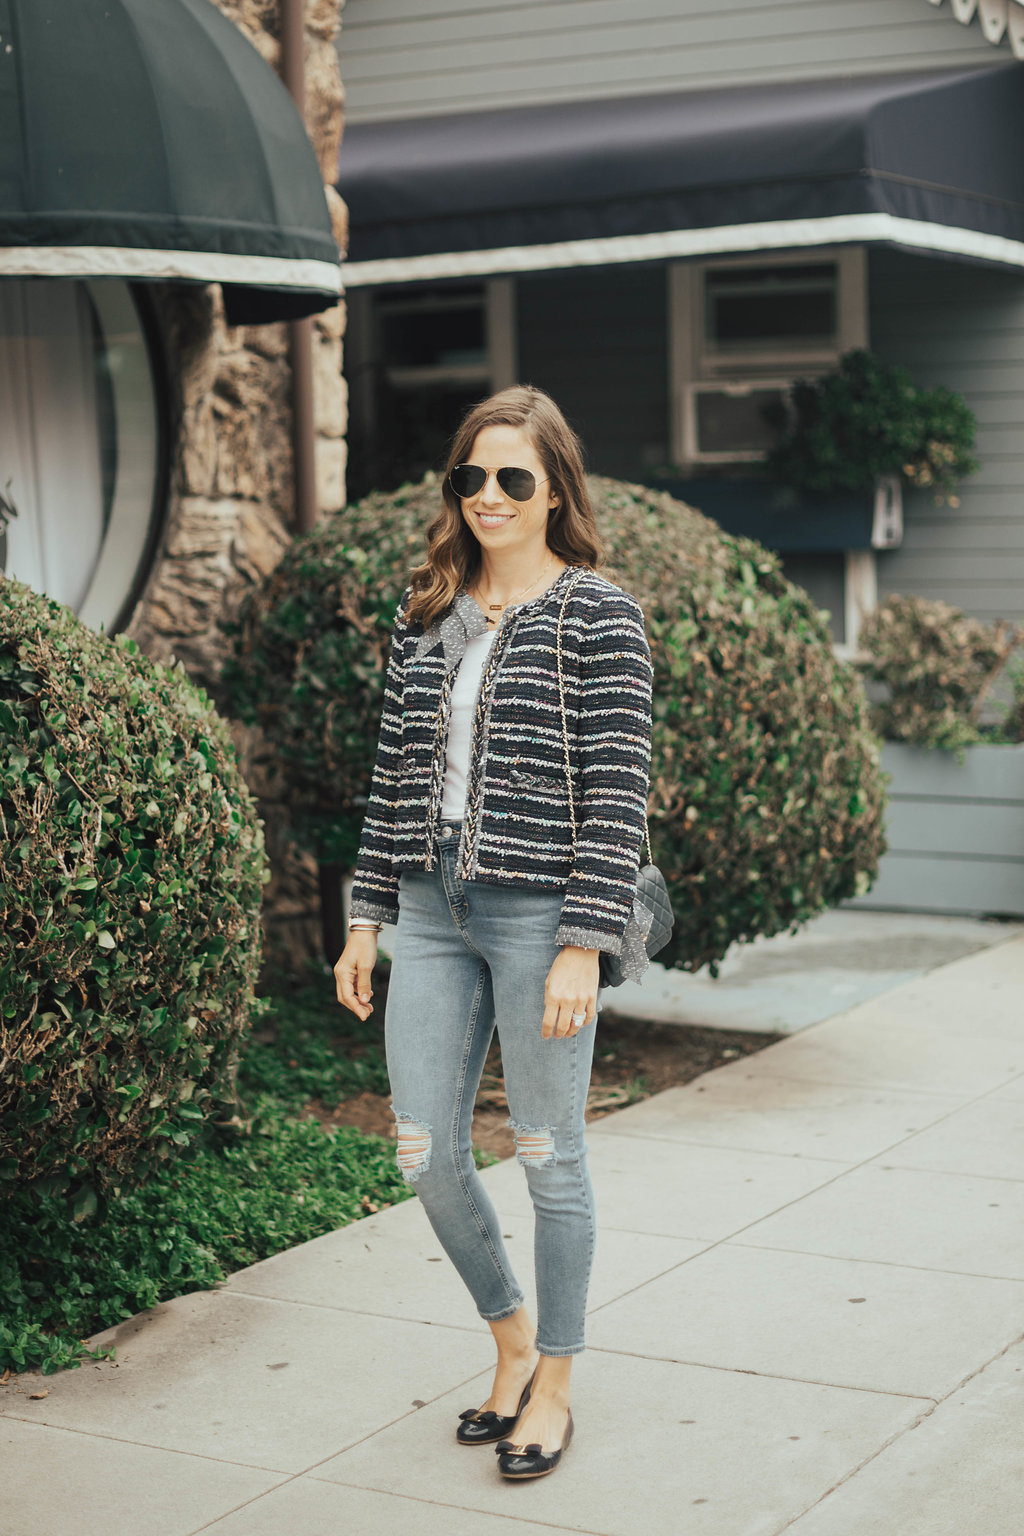 navy tweed jacket outfit